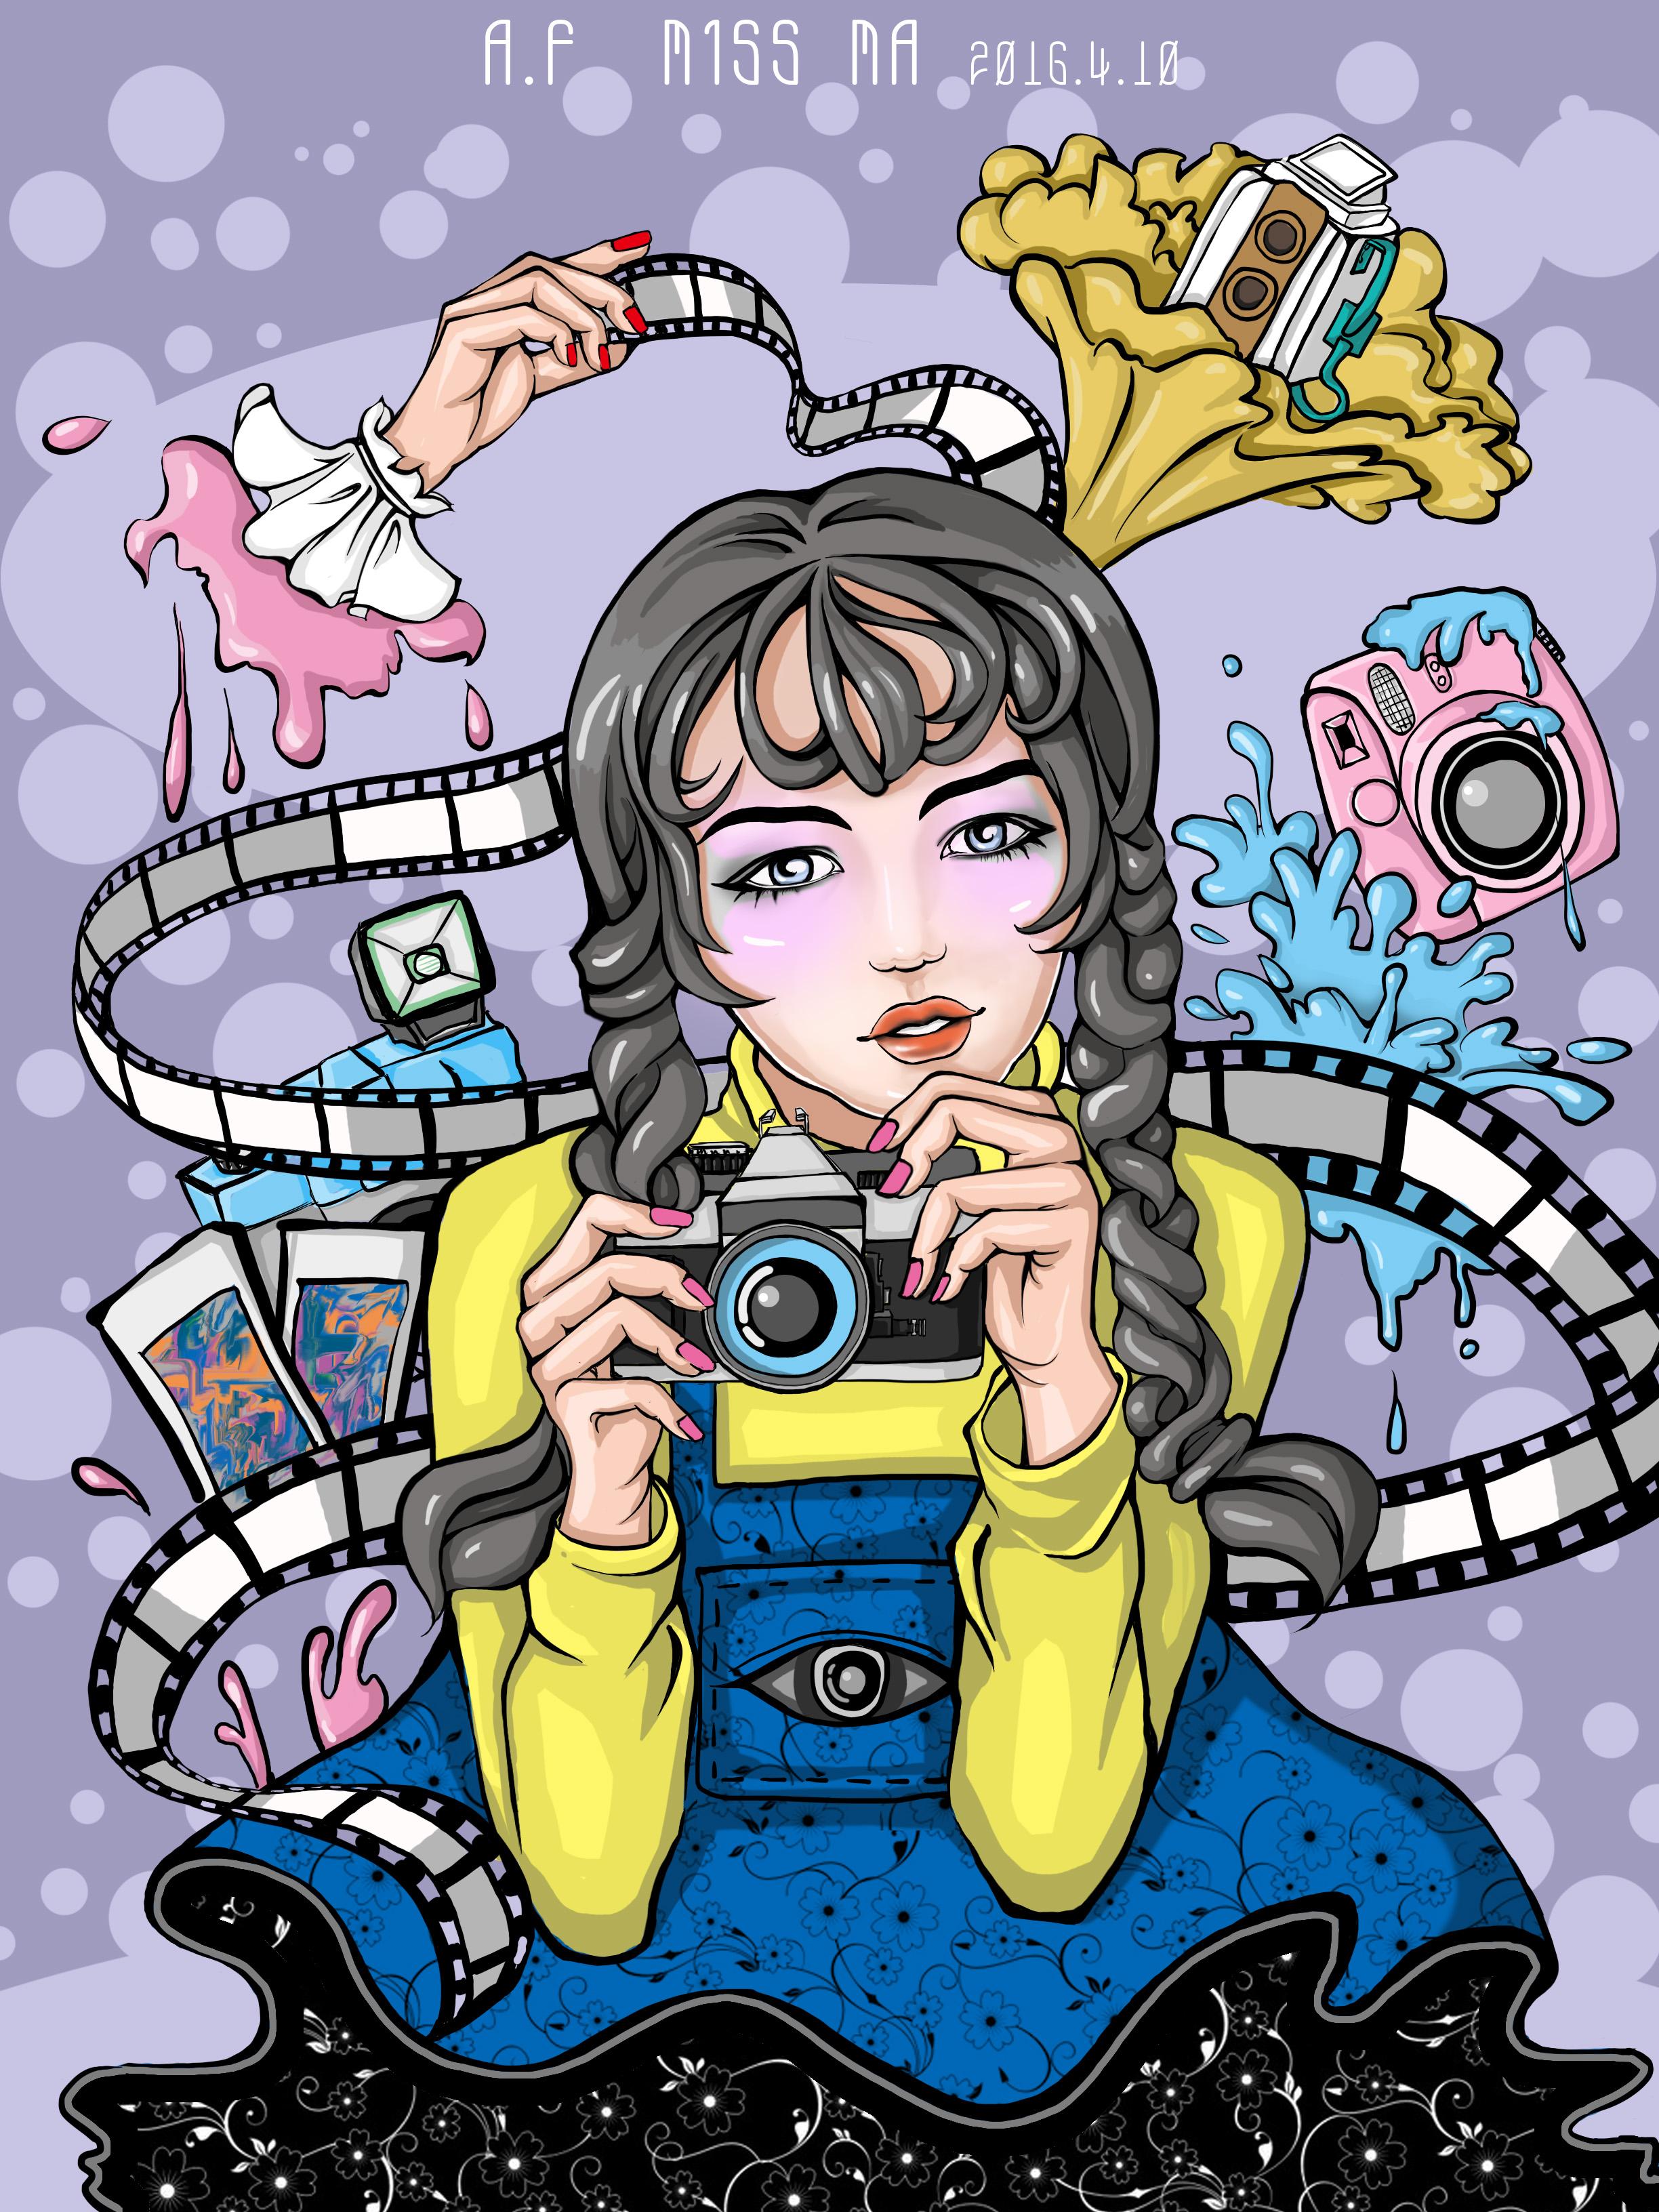 手绘卡通头像相机